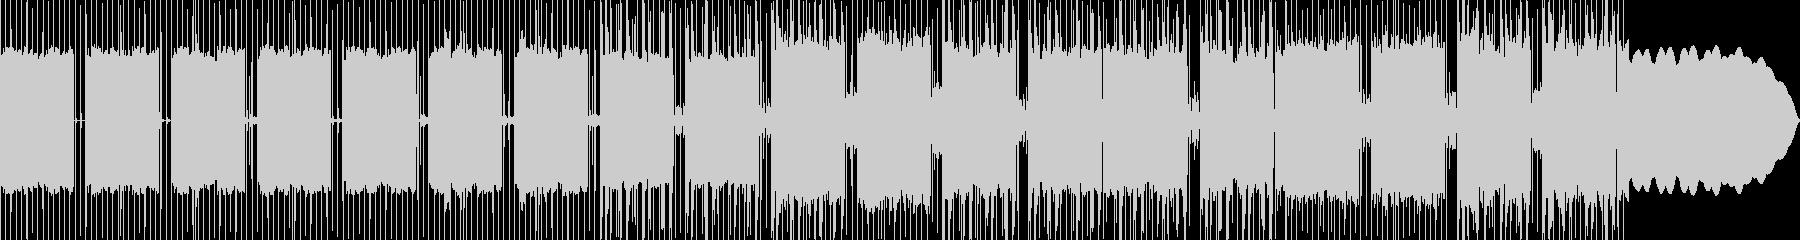 アンビエントニューエイジインストゥ...の未再生の波形